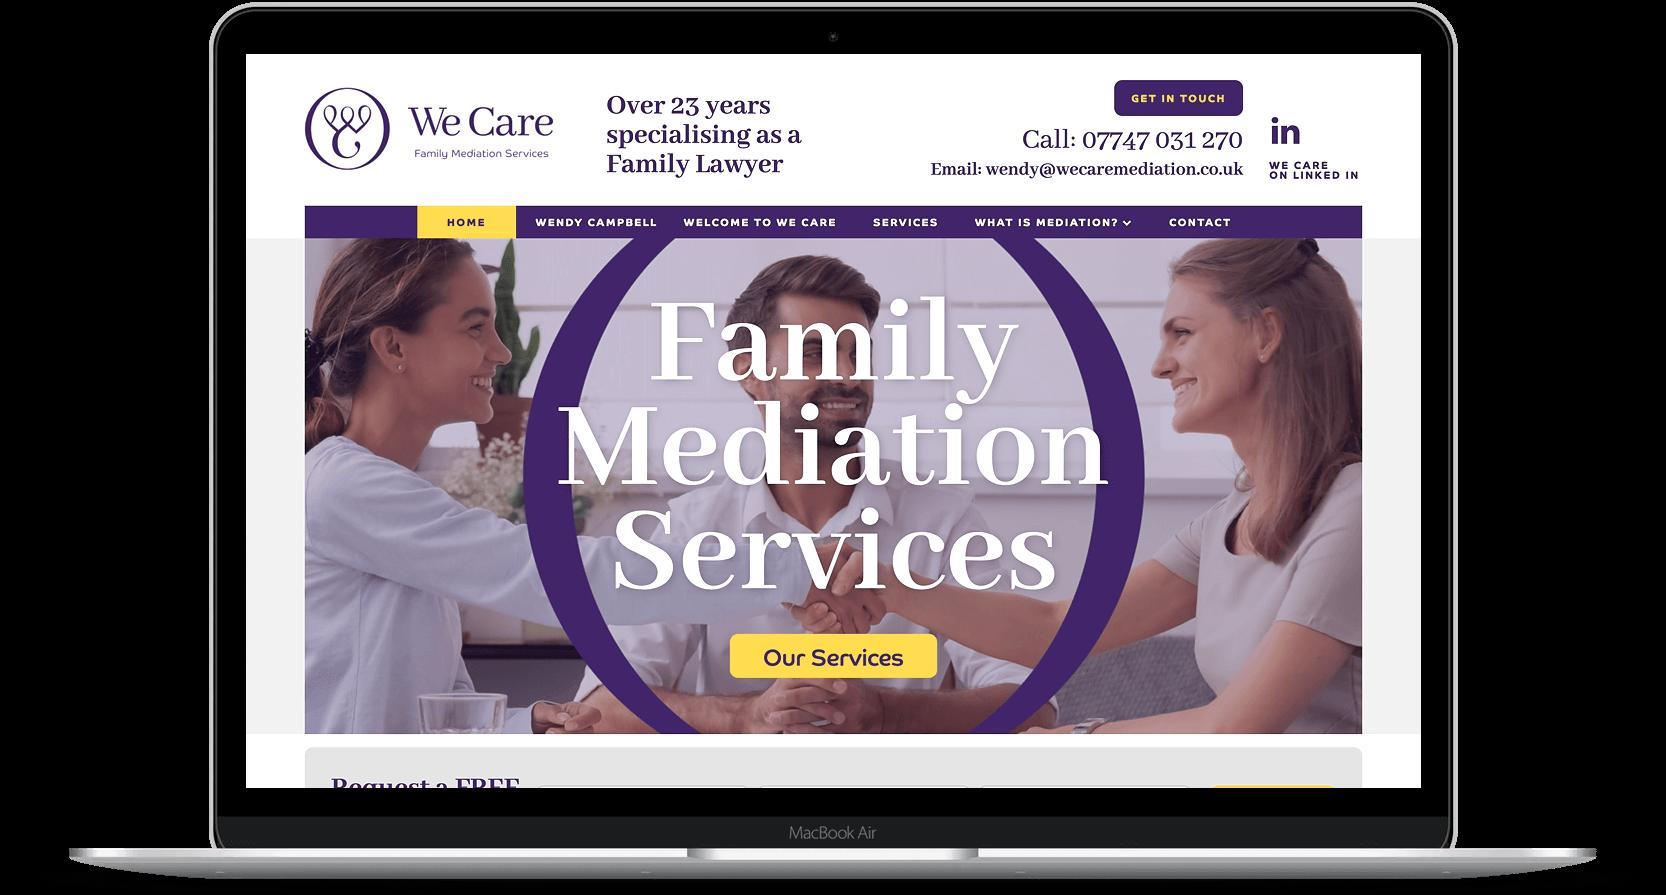 Website Design for We Care Mediation